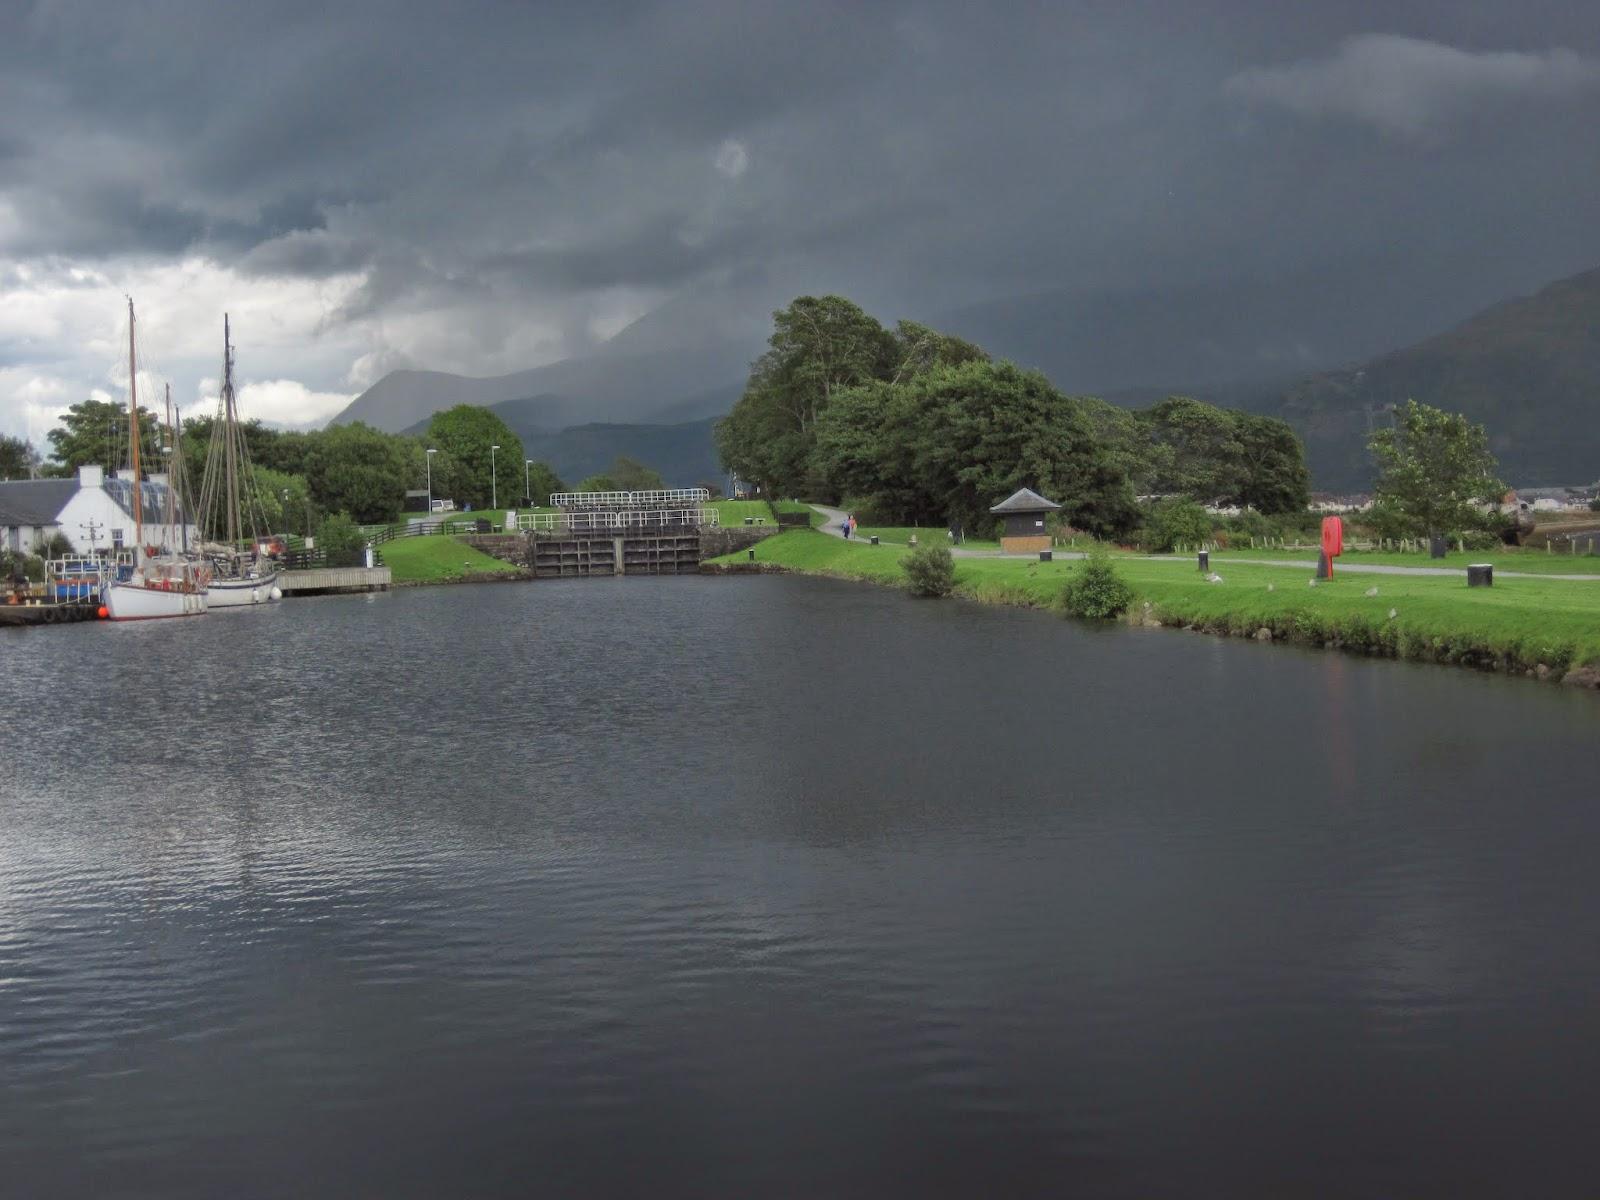 Wetter Fort William